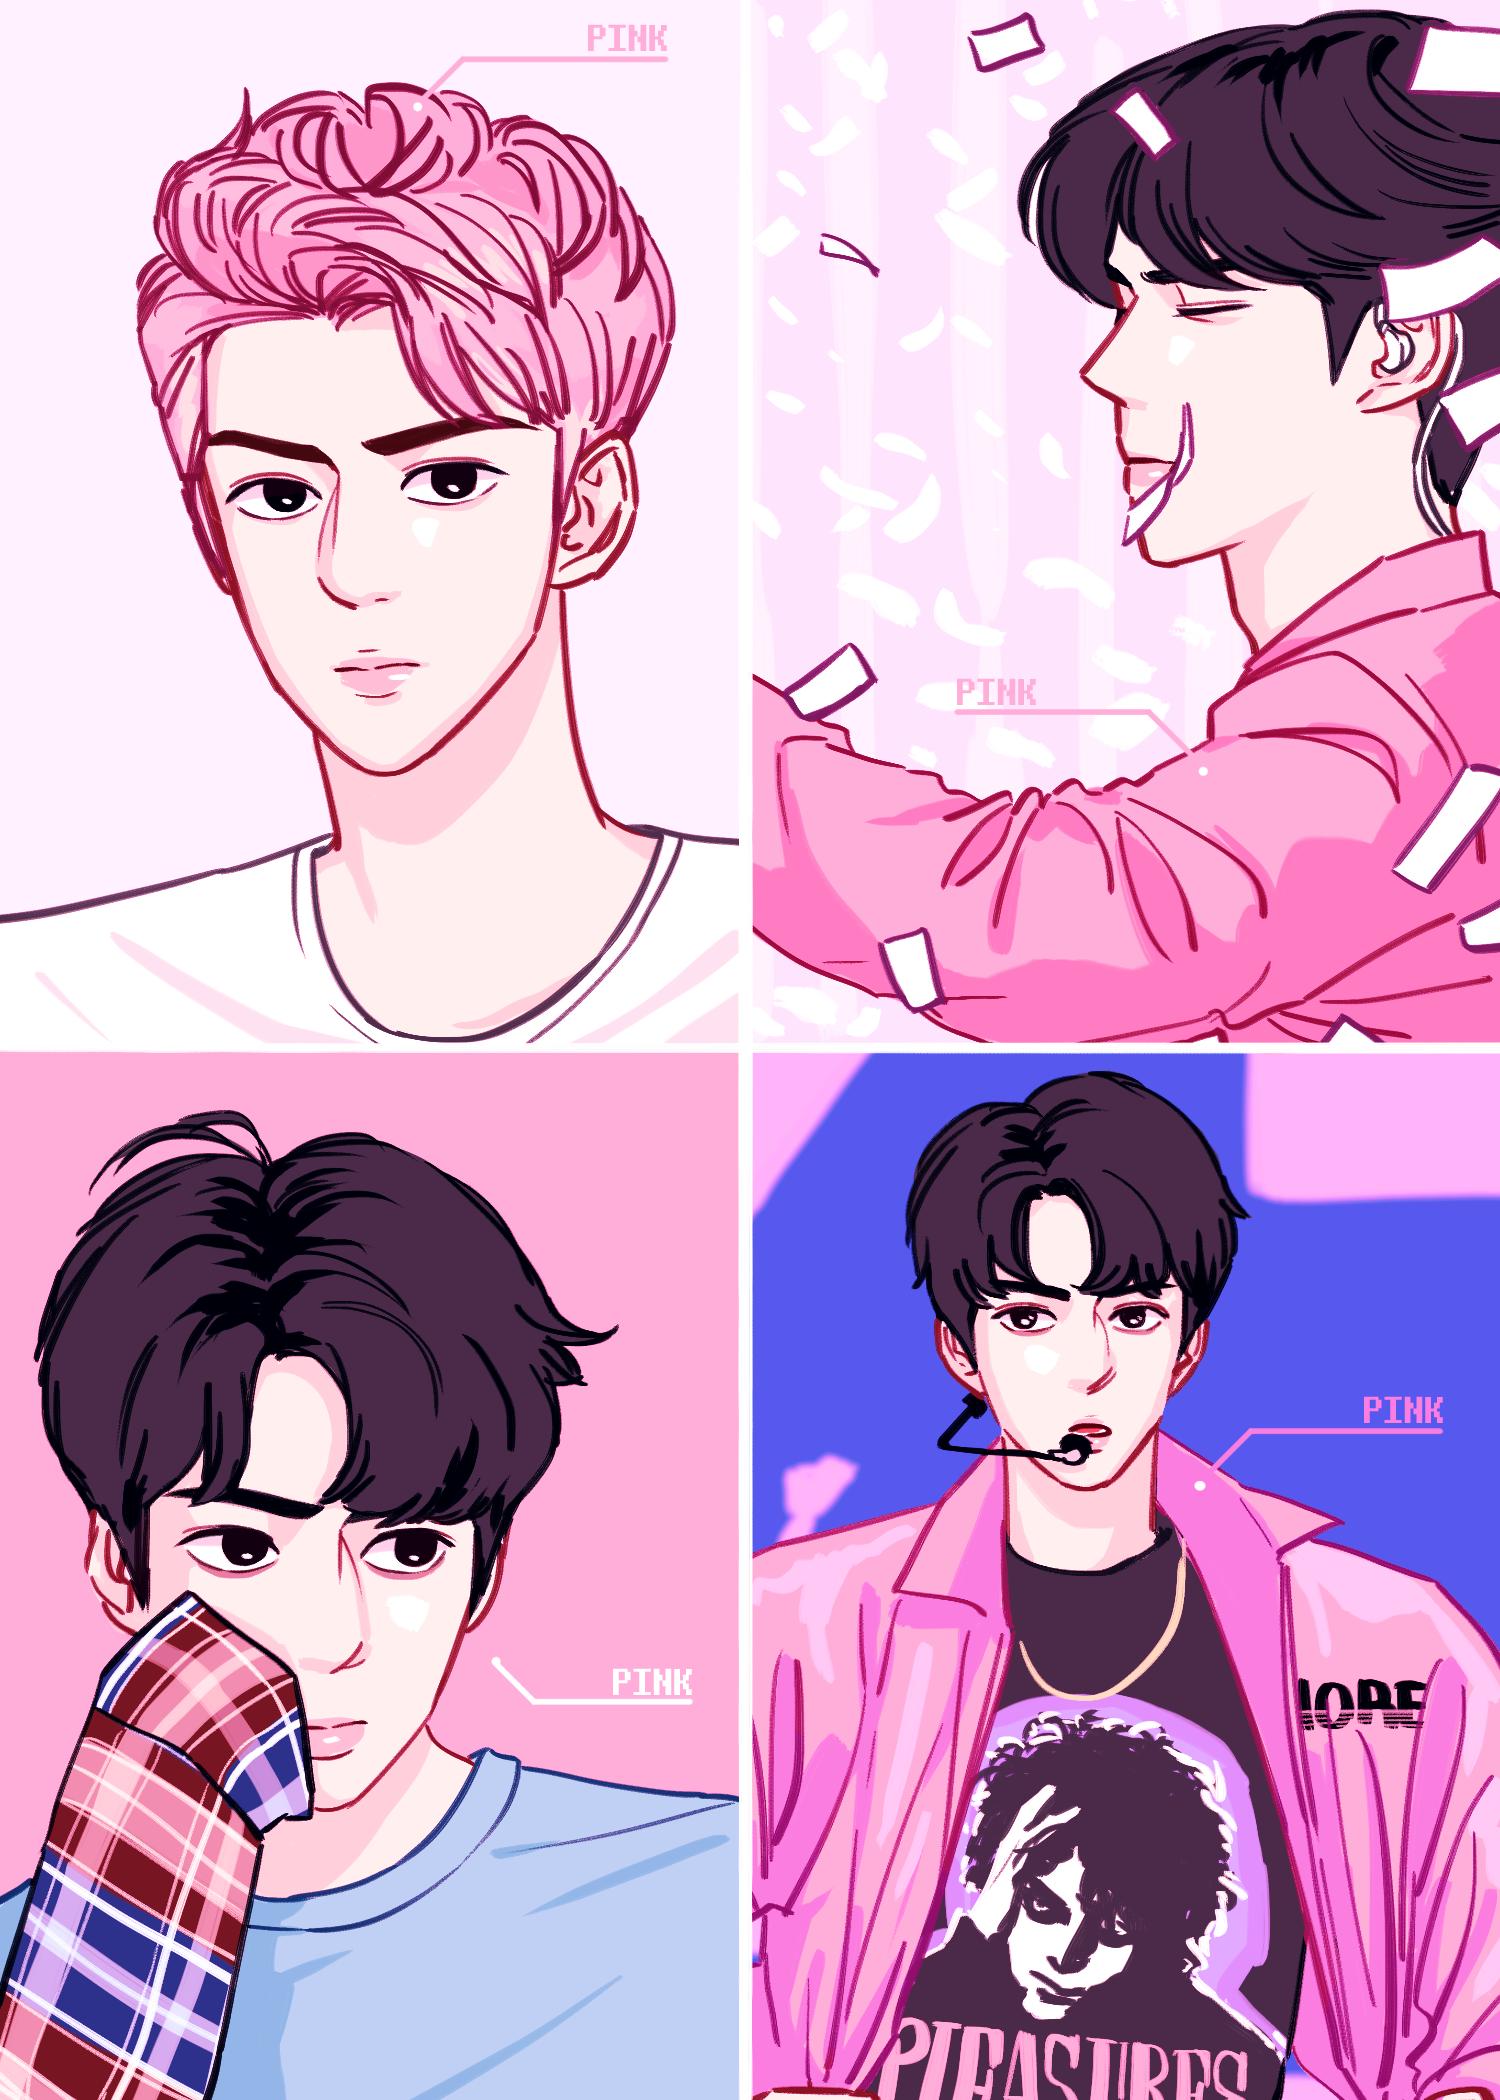 EXO SEHUN in 2019 Exo anime, Exo kokobop, Sehun